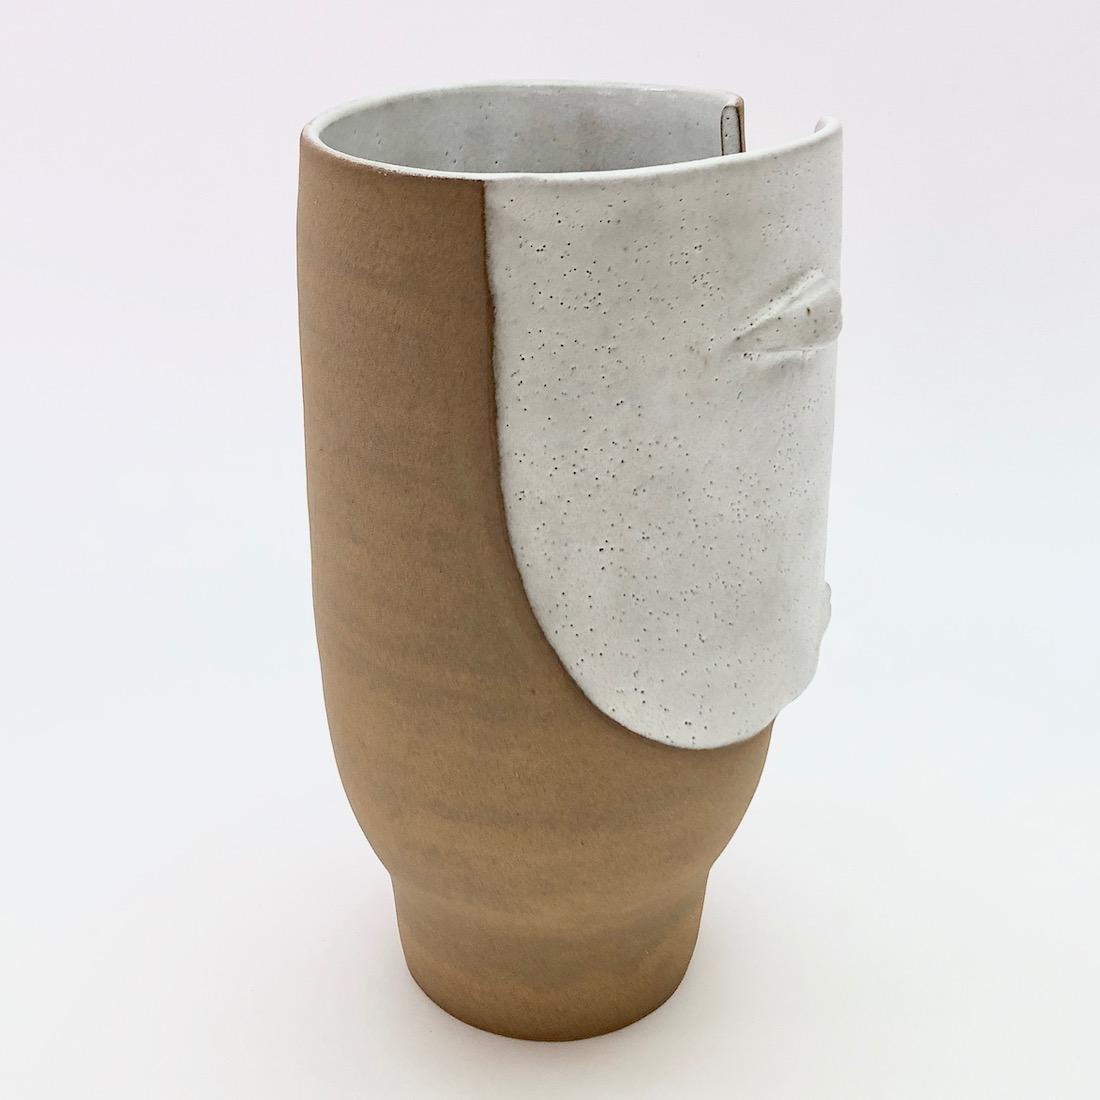 DaLo - Vase en céramique